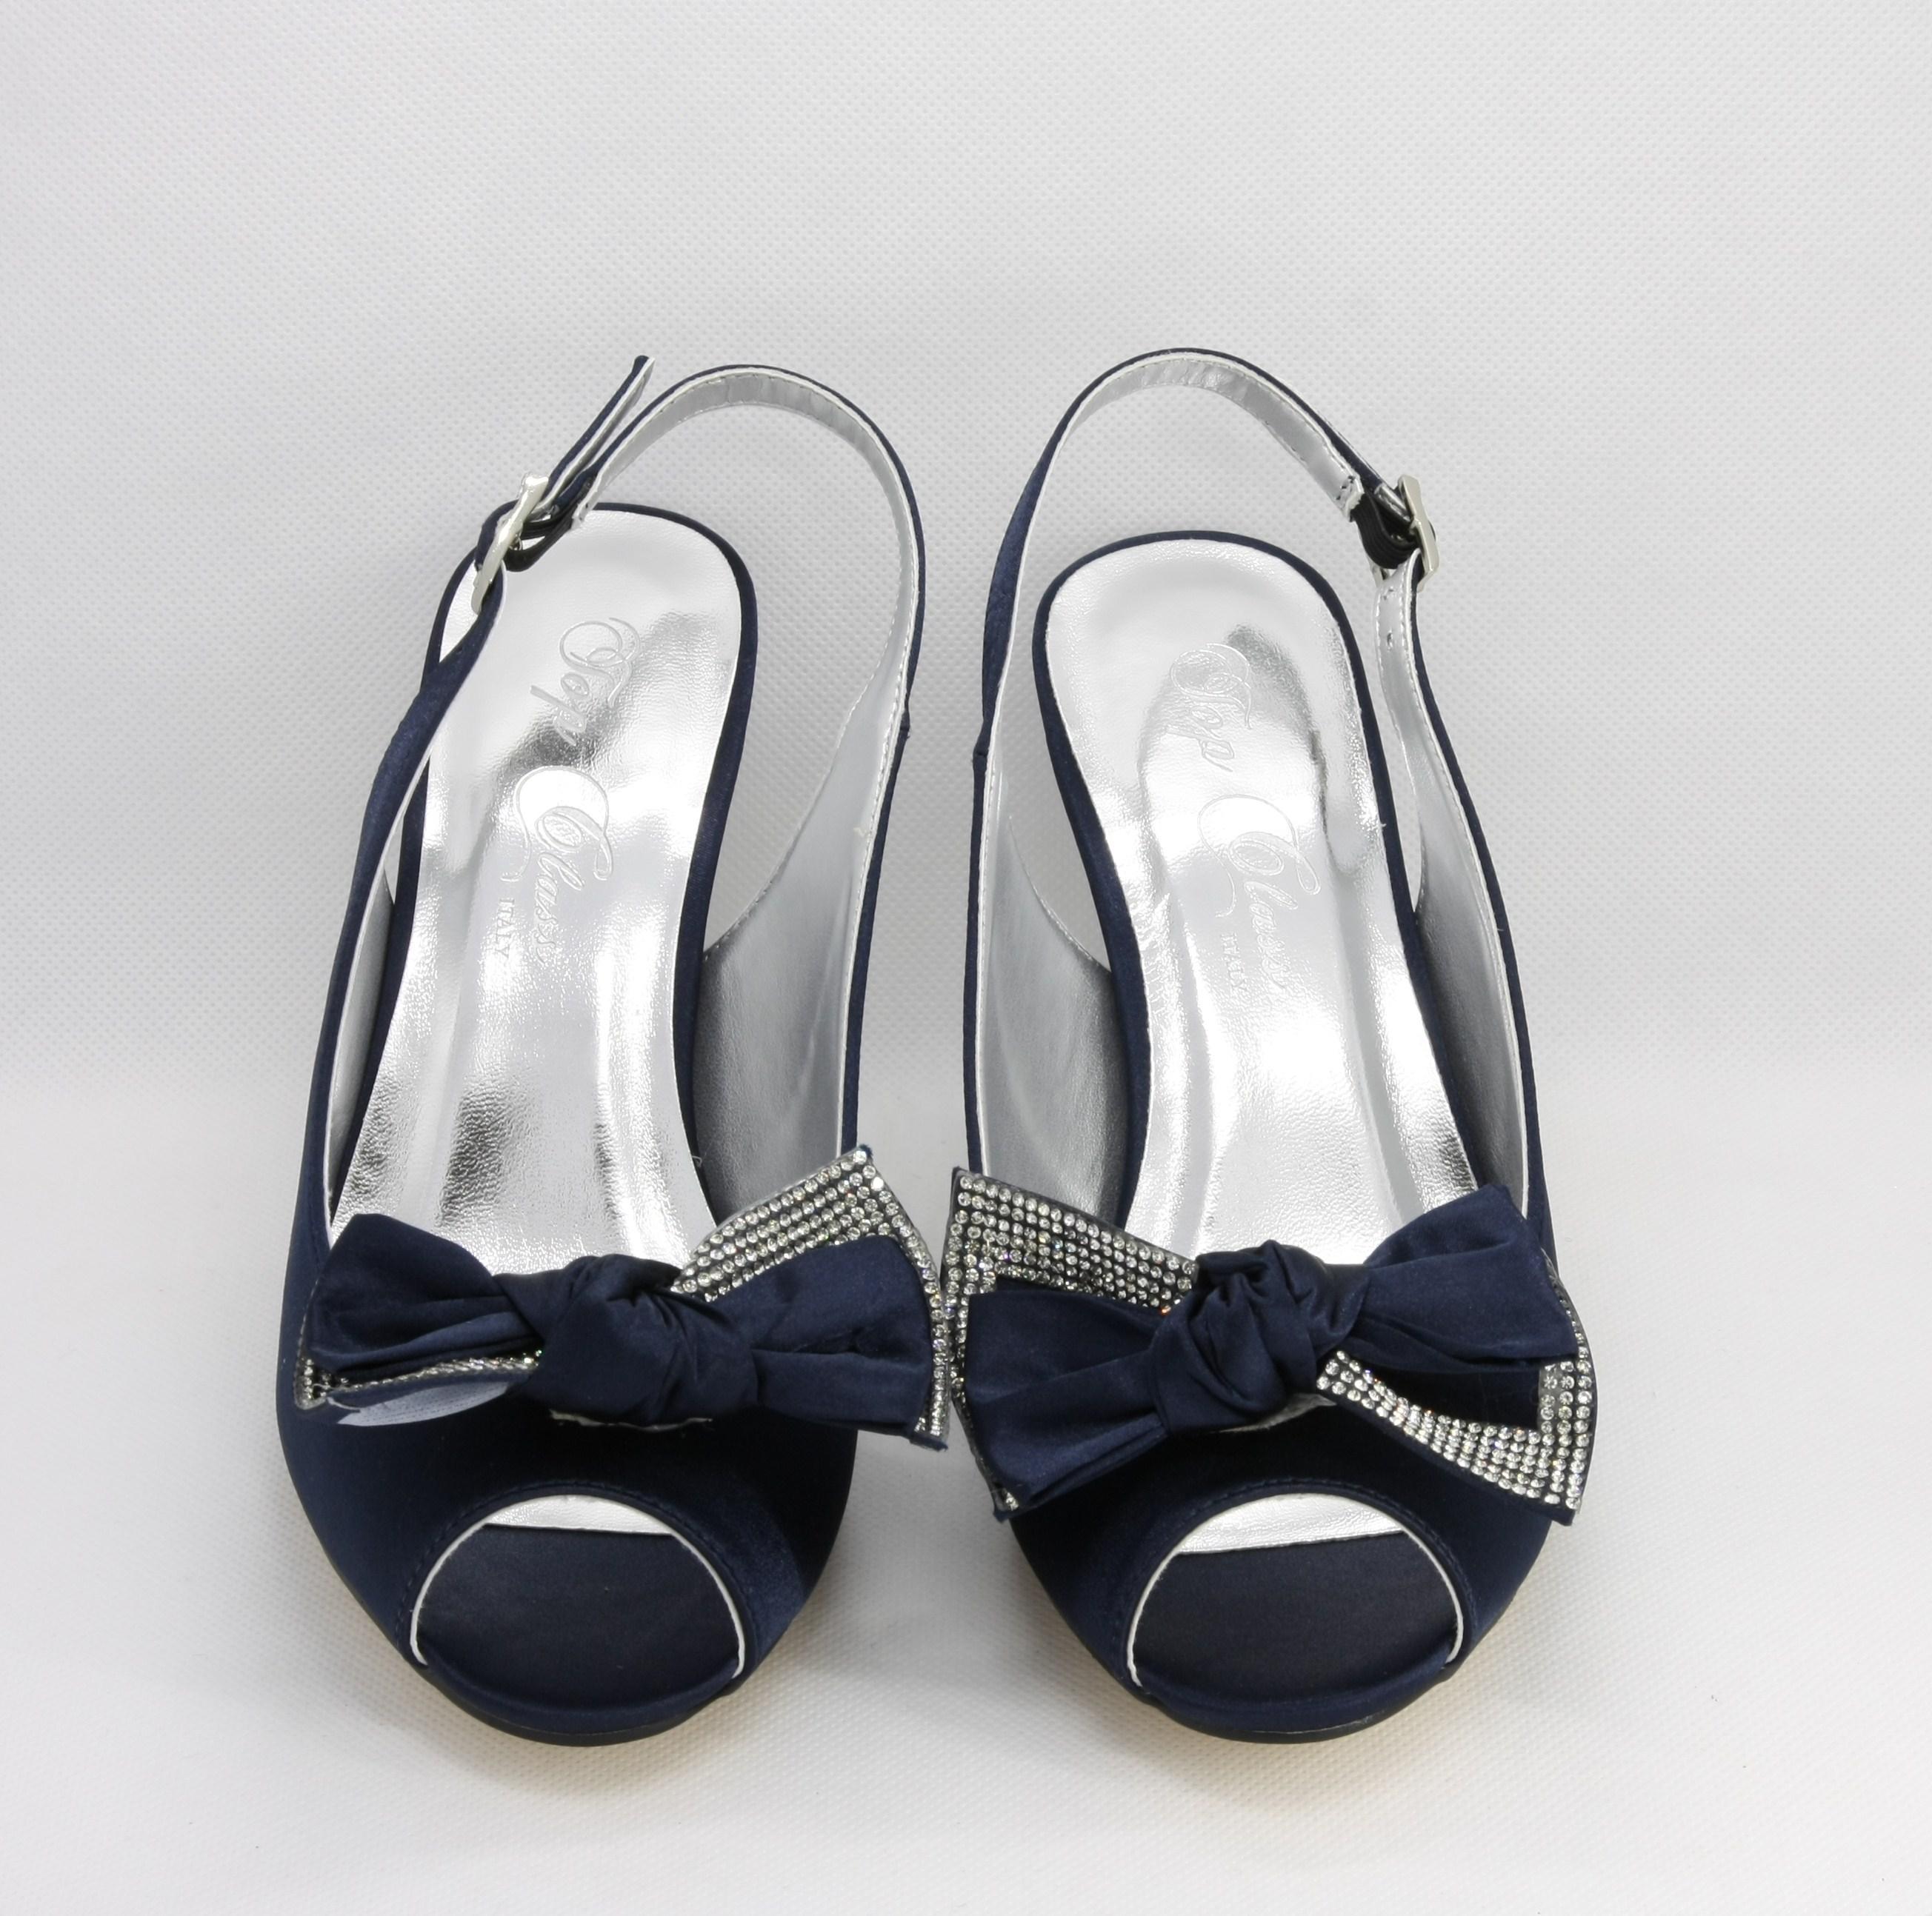 Sandalo donna elegante in tessuto blu con fiocco asportabile e cinghietta regolabile Art. H16612SARASF0943S08